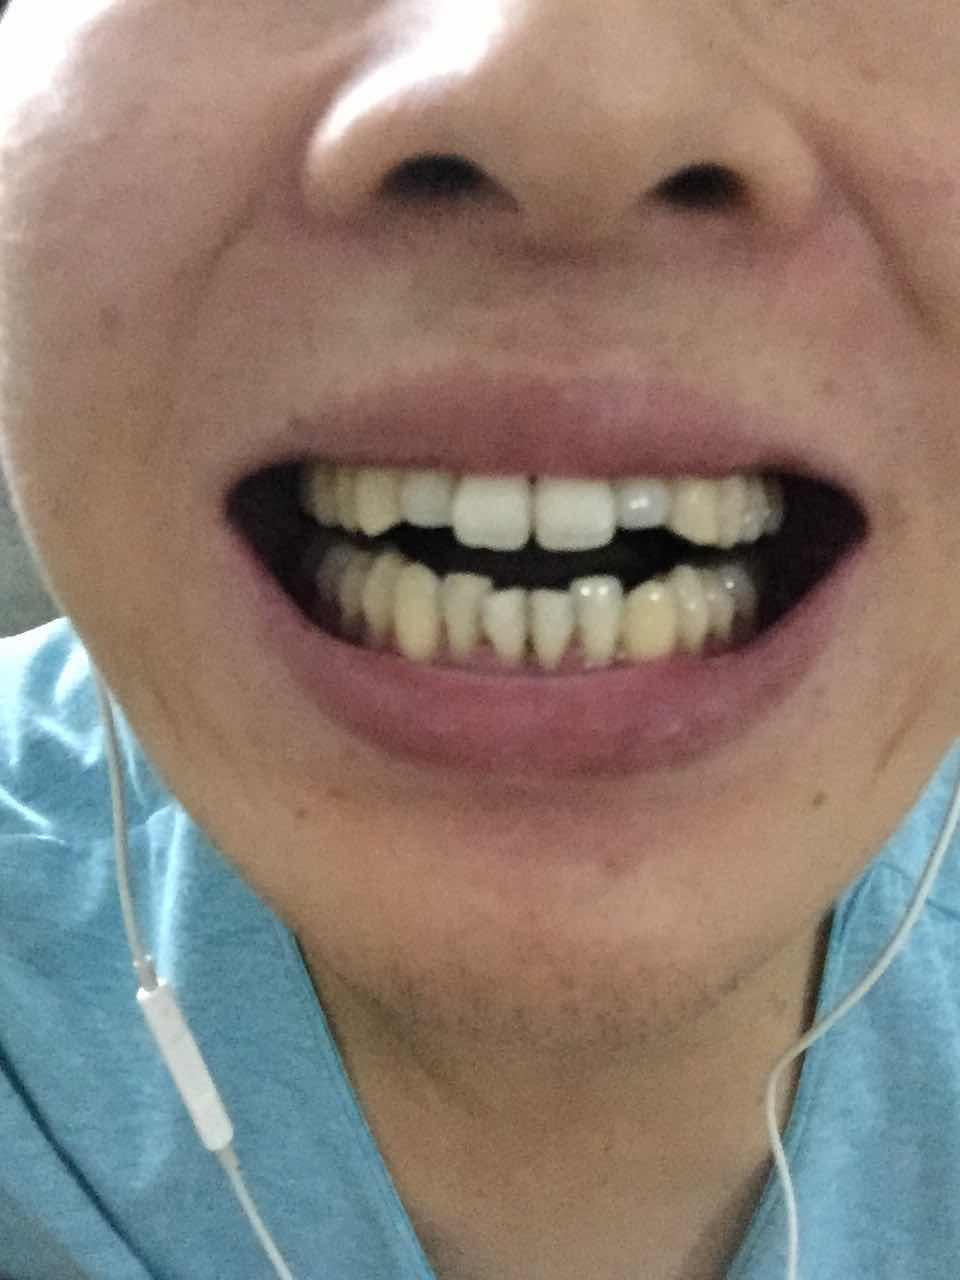 牙齿短怎么办,请问上排牙两颗短的做美容冠行吗  能有多长寿命  对口腔的其他牙齿有没有伤害  美容冠一般做一颗牙什么价位